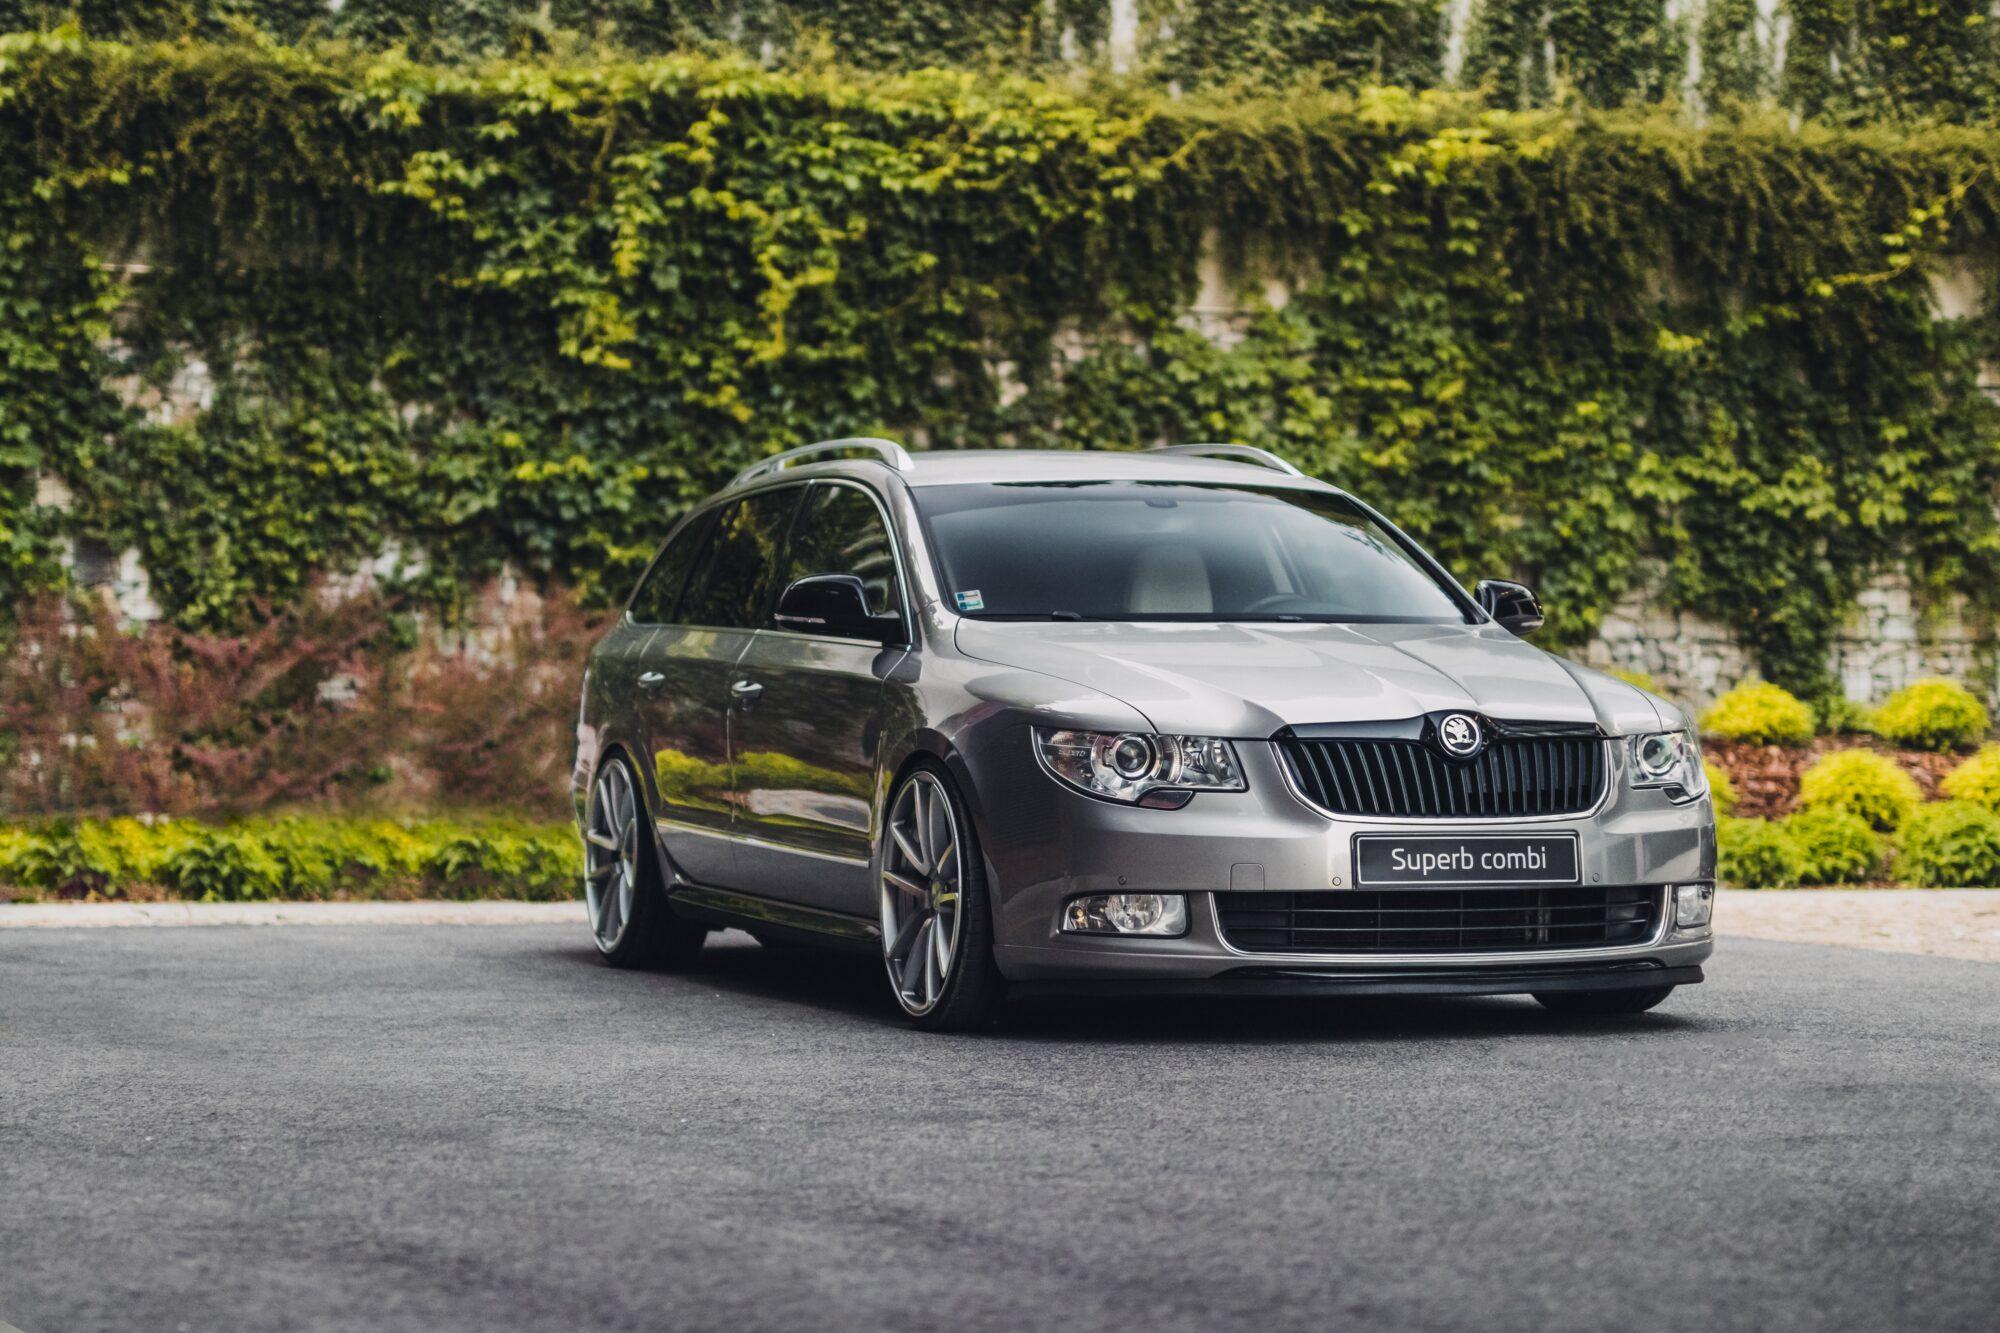 Bilforhandler på Fyn – bredt udvalg af biler